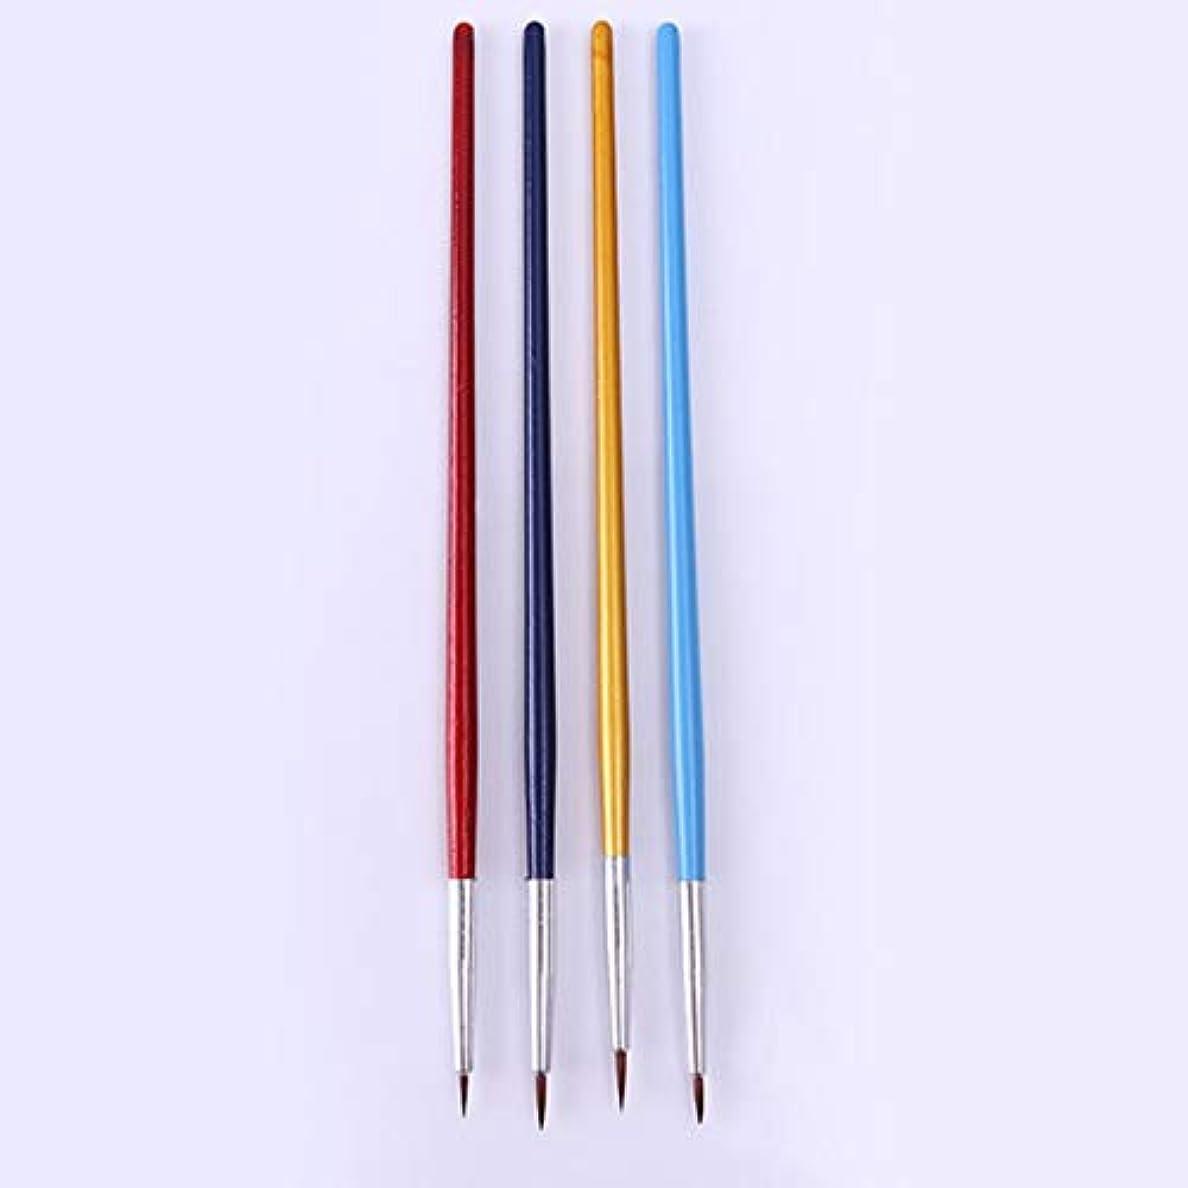 原油明日セージQuzama-JS ブラシブラシペンキ塗りペンブラシブラシブラシブラシ(None Picture Color)